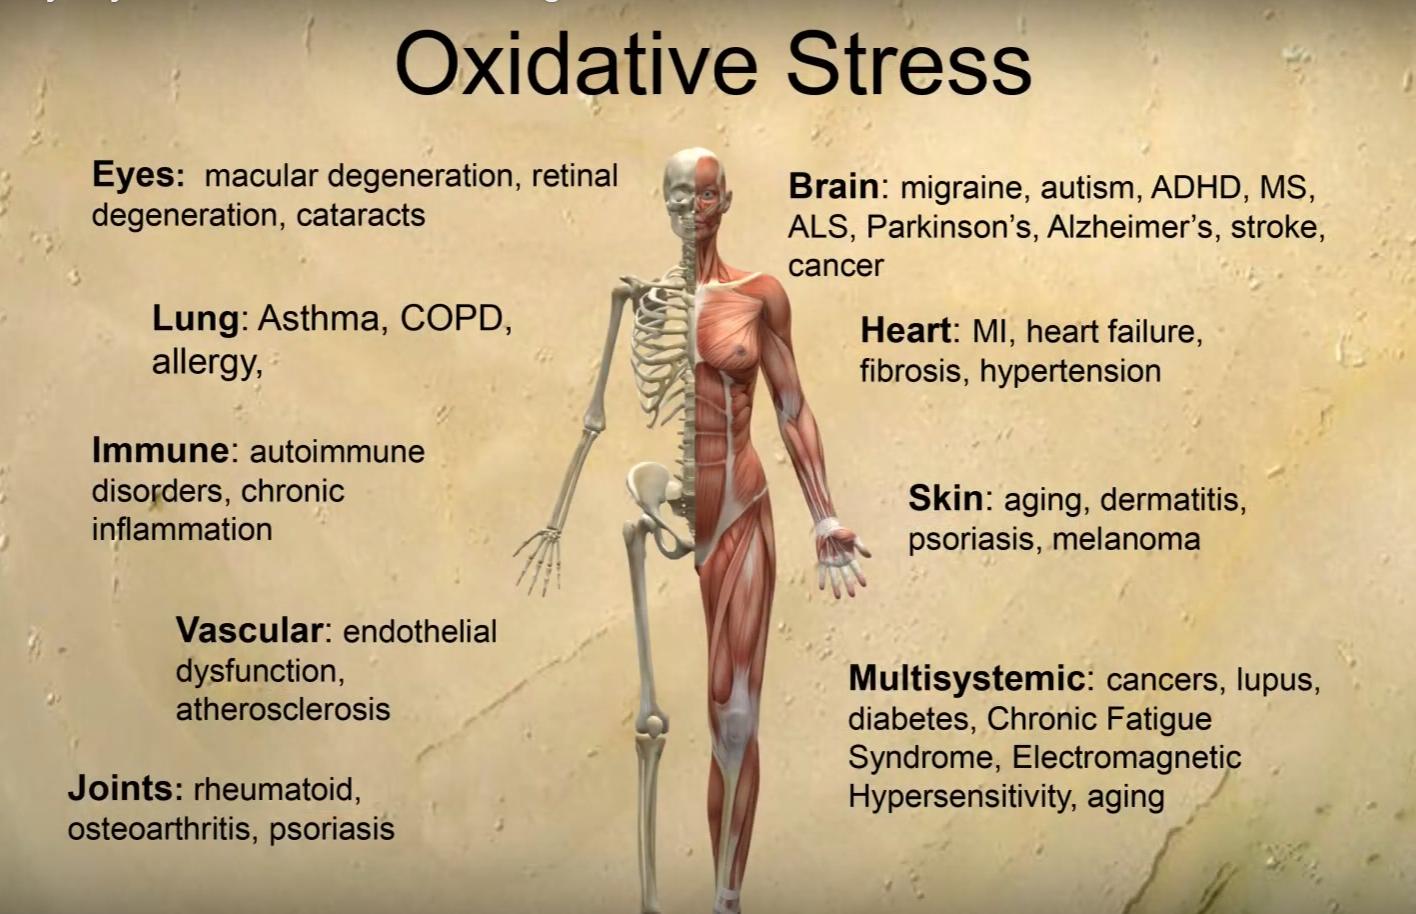 oxidsative stress